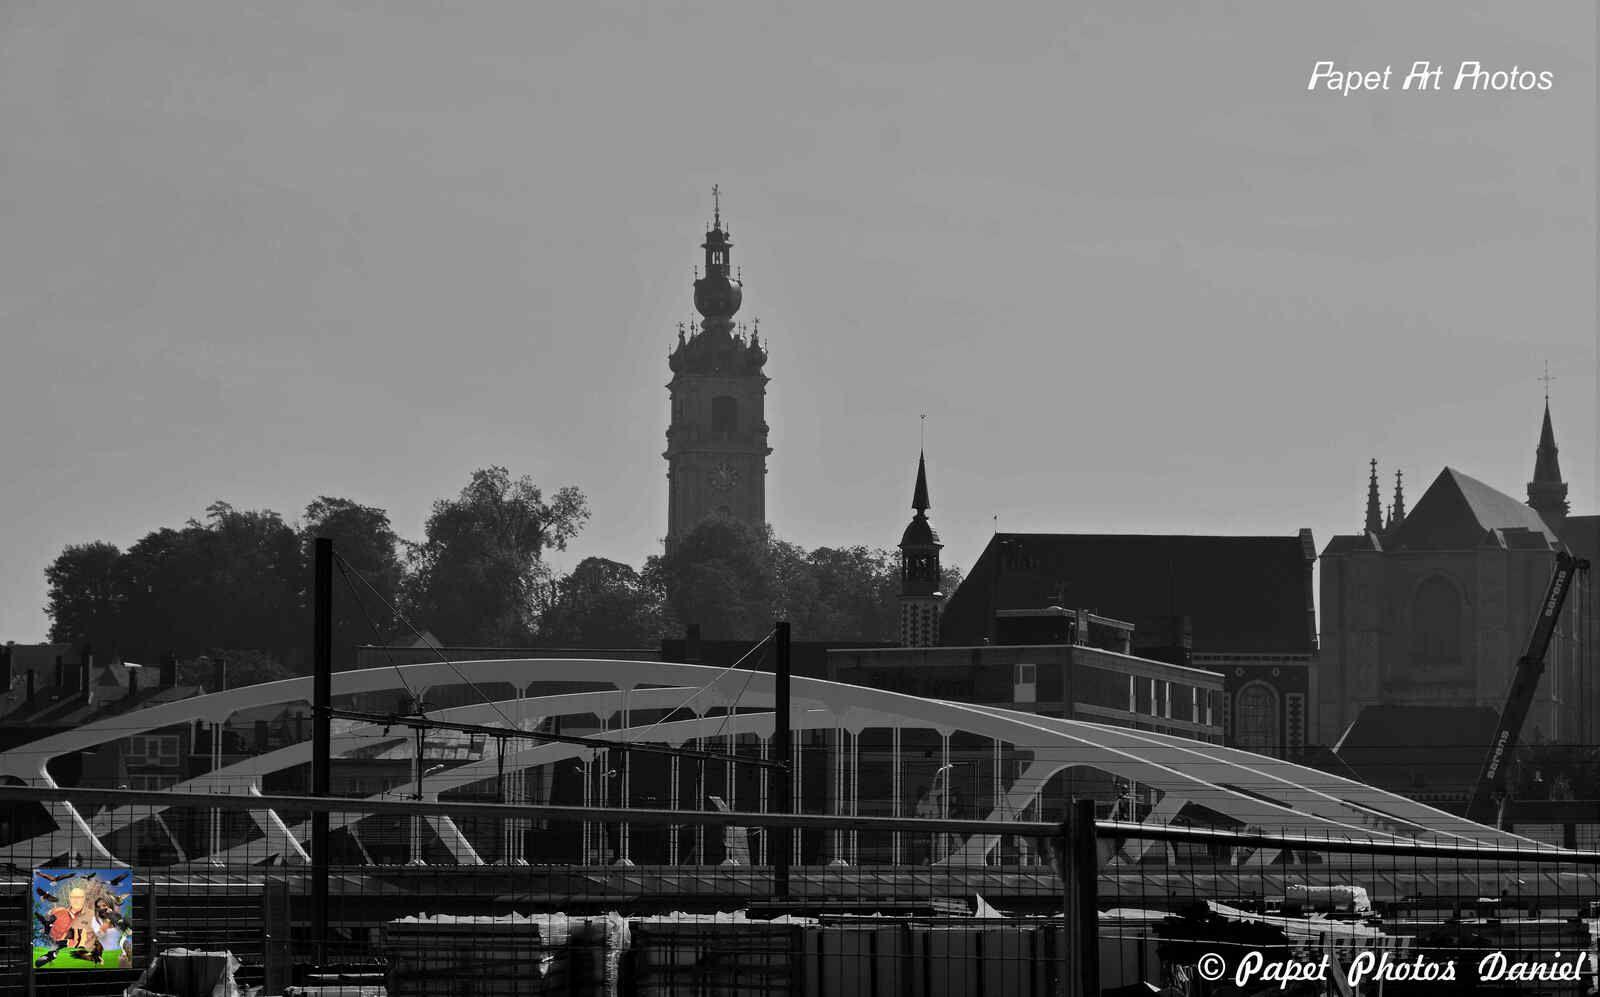 La Gare de Mons ca diminue, deja mieux, mais pour voir le spectacle de la premiere photo ???????